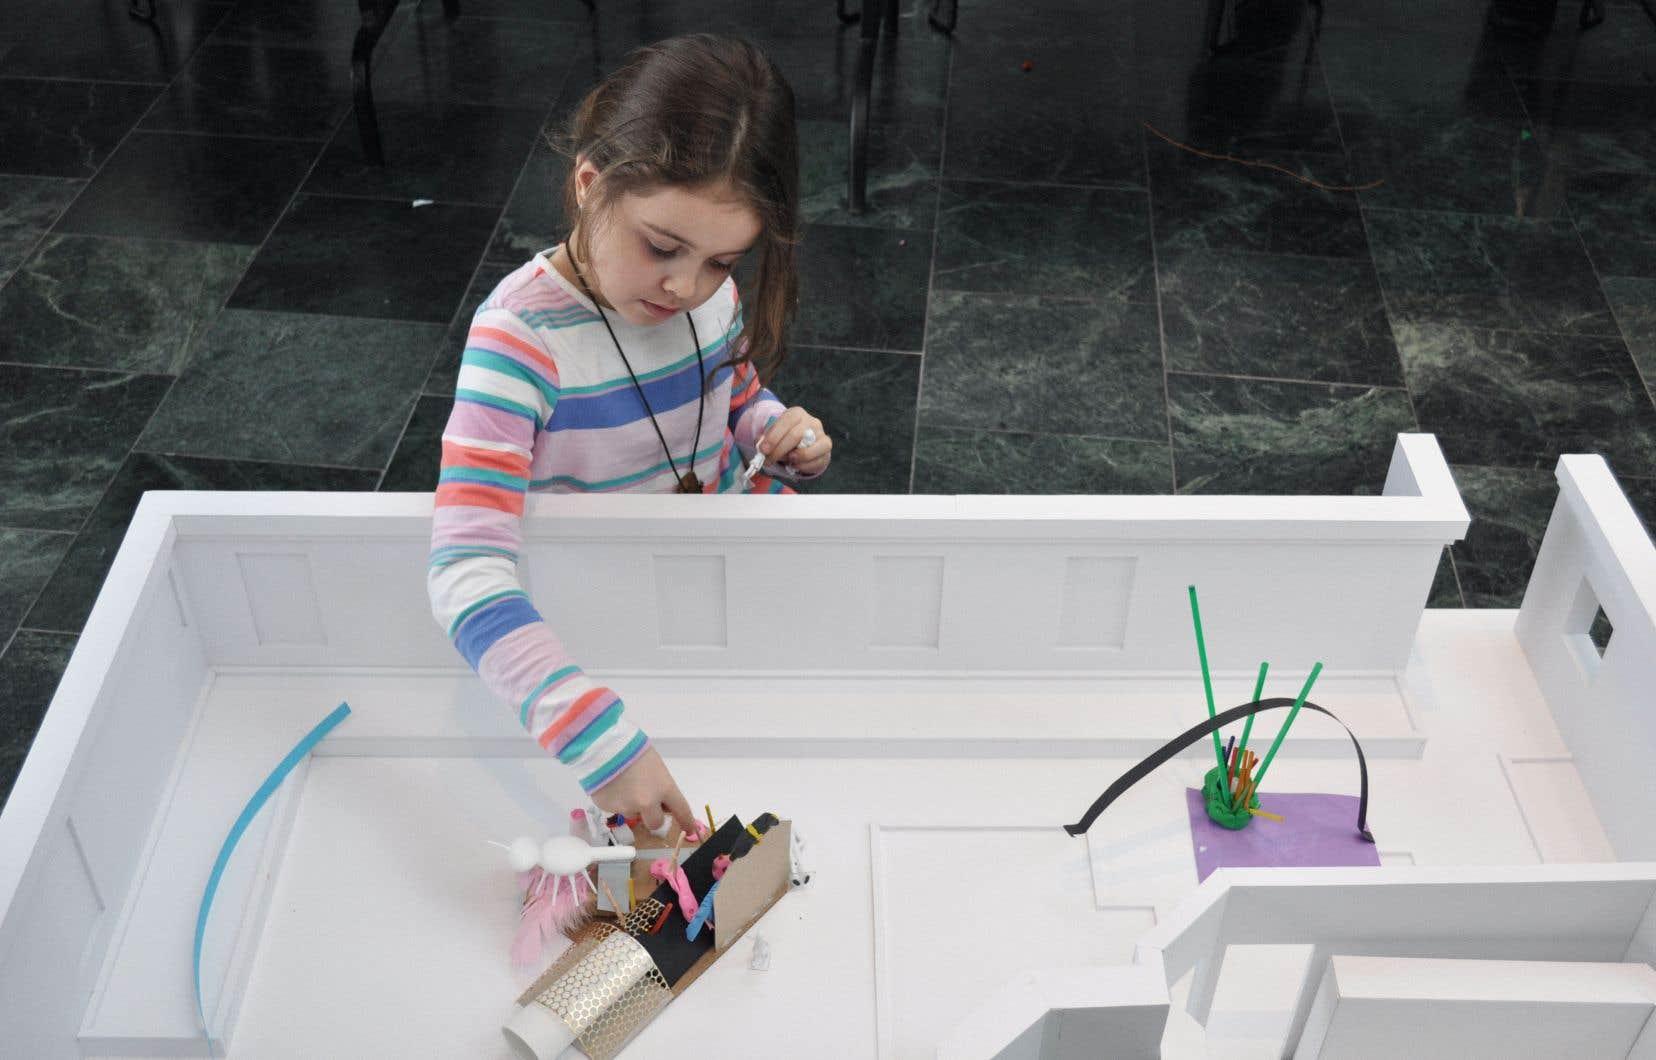 Les jeunes participants de l'exposition «Murmures», présentée au Musée national des beaux-arts du Québec, y apprivoisent le vocabulaire et les outils de l'architecture, et formulent des idées qui contribueront à l'idéation d'un véritable pavillon extérieur, qui verra le jour dans le jardin Pellan.